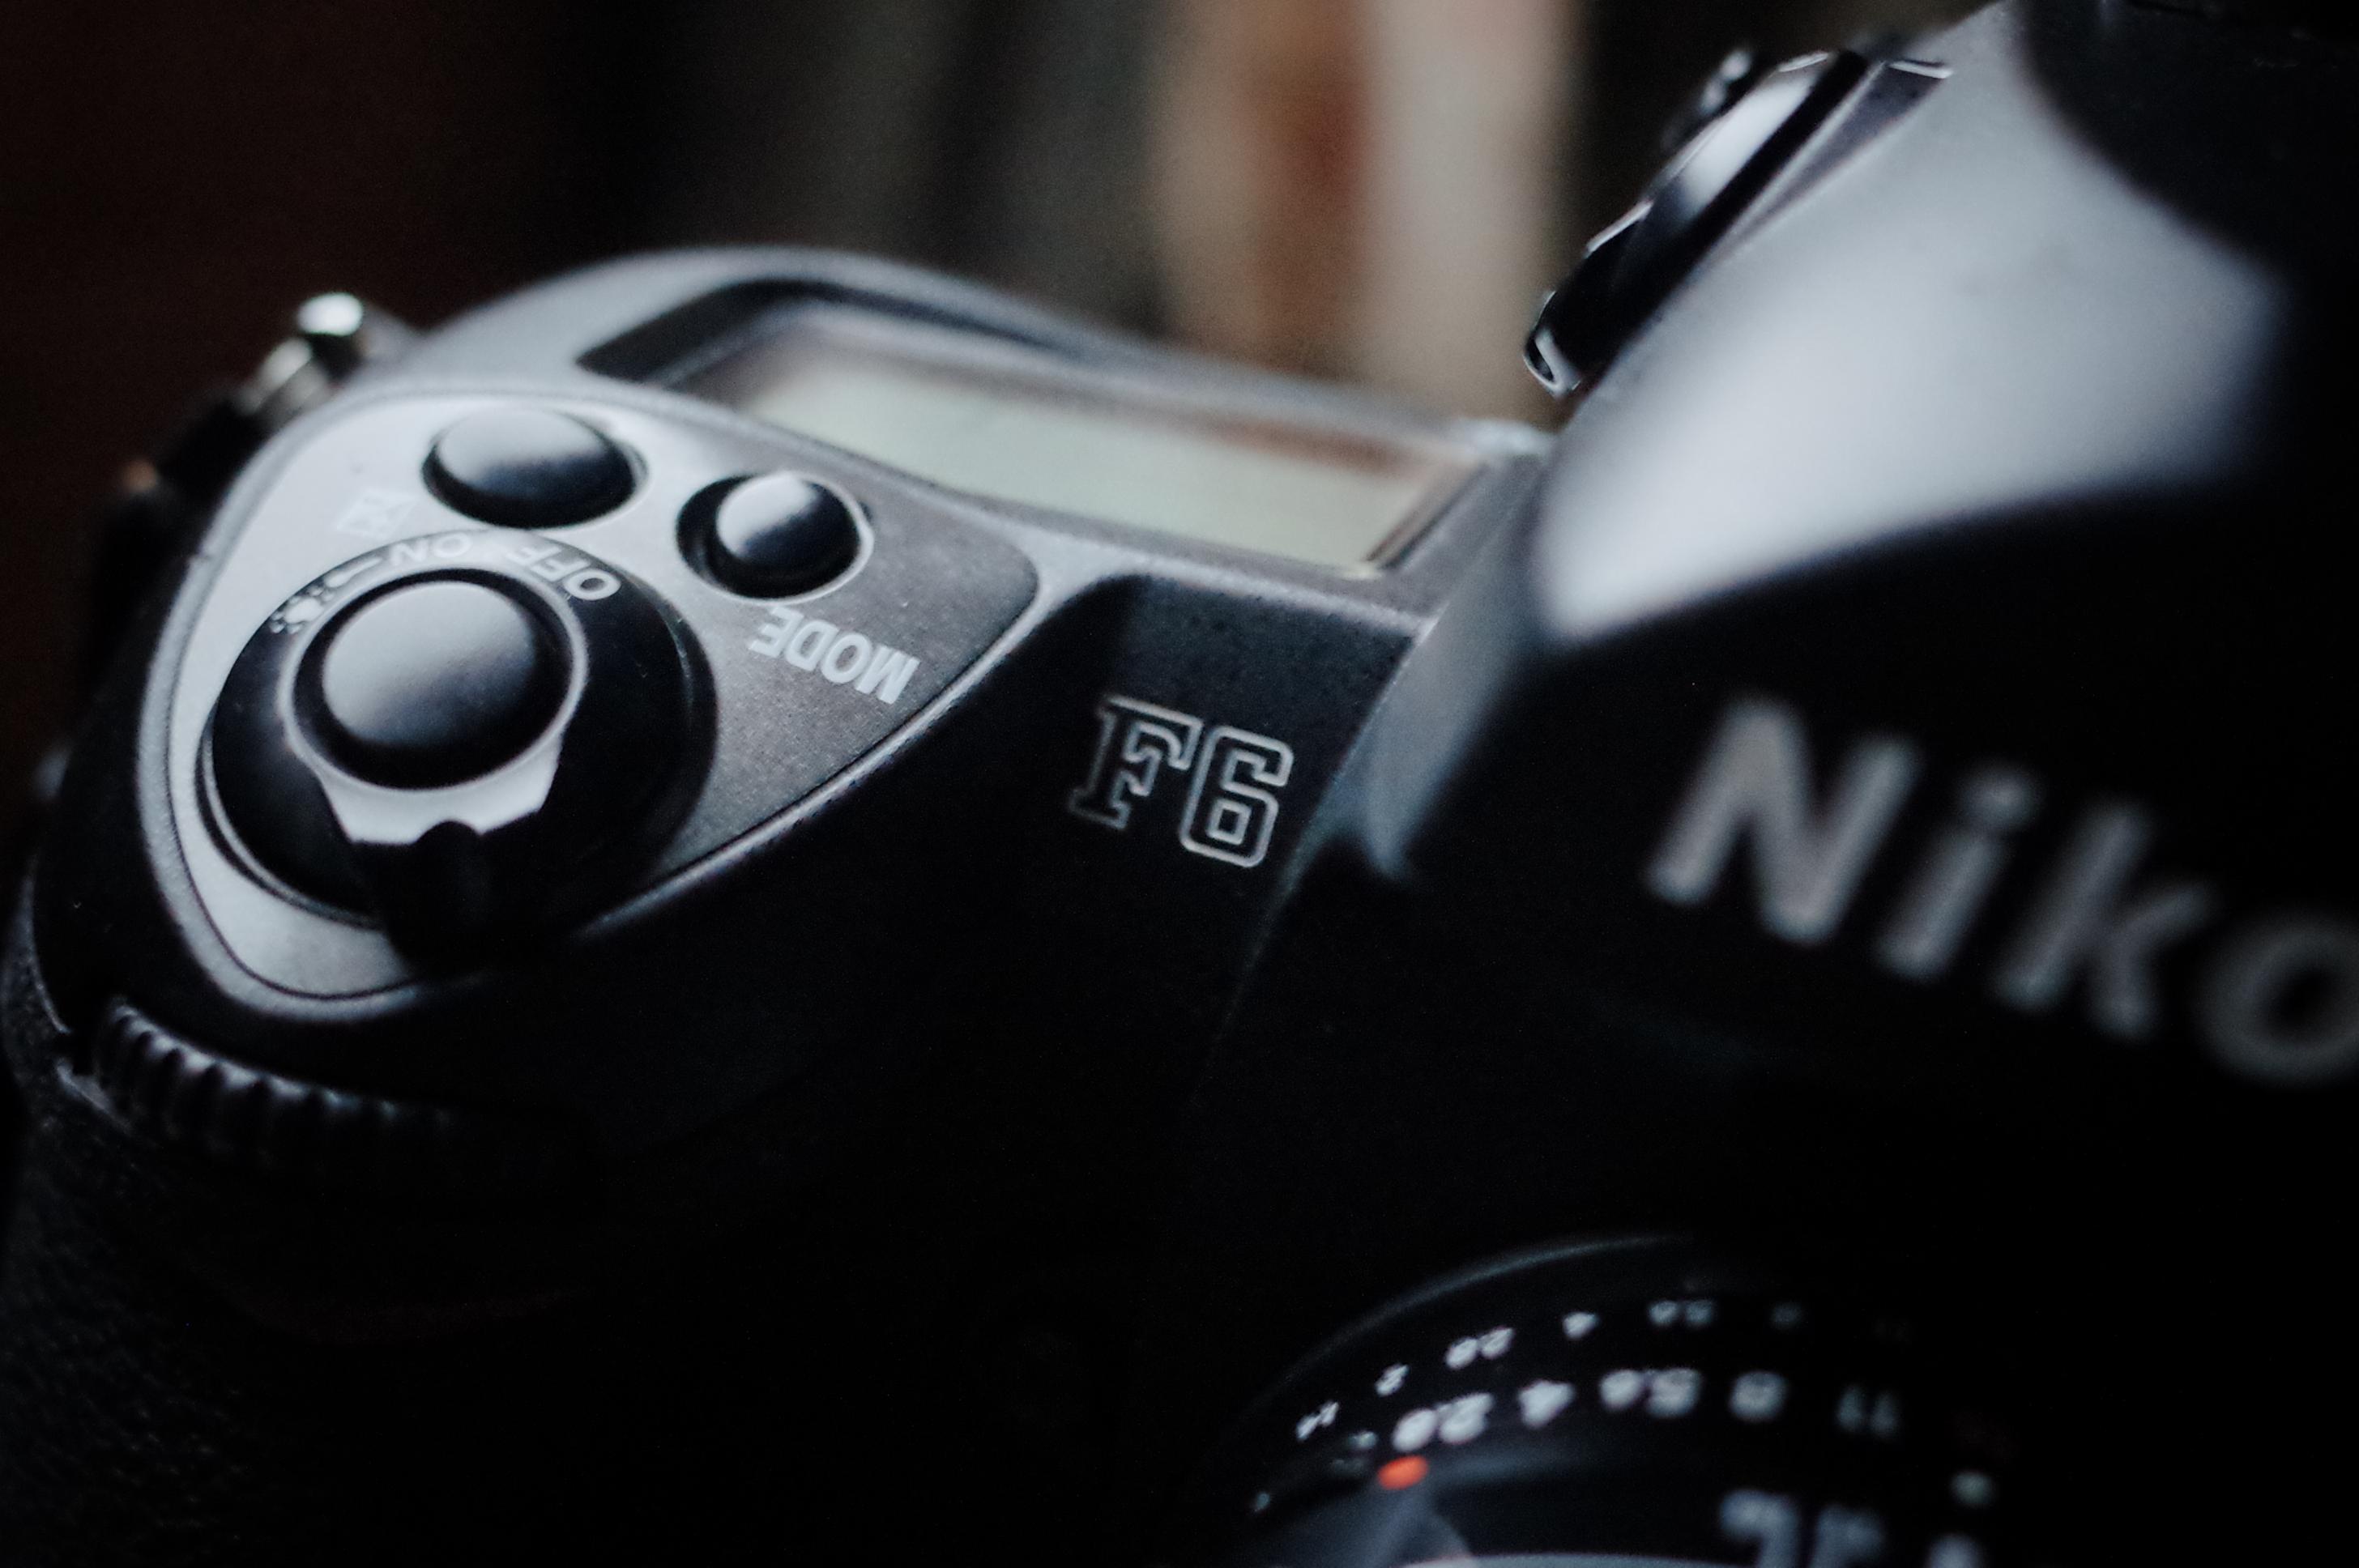 趣味でやるなら、カメラは機能より気分。